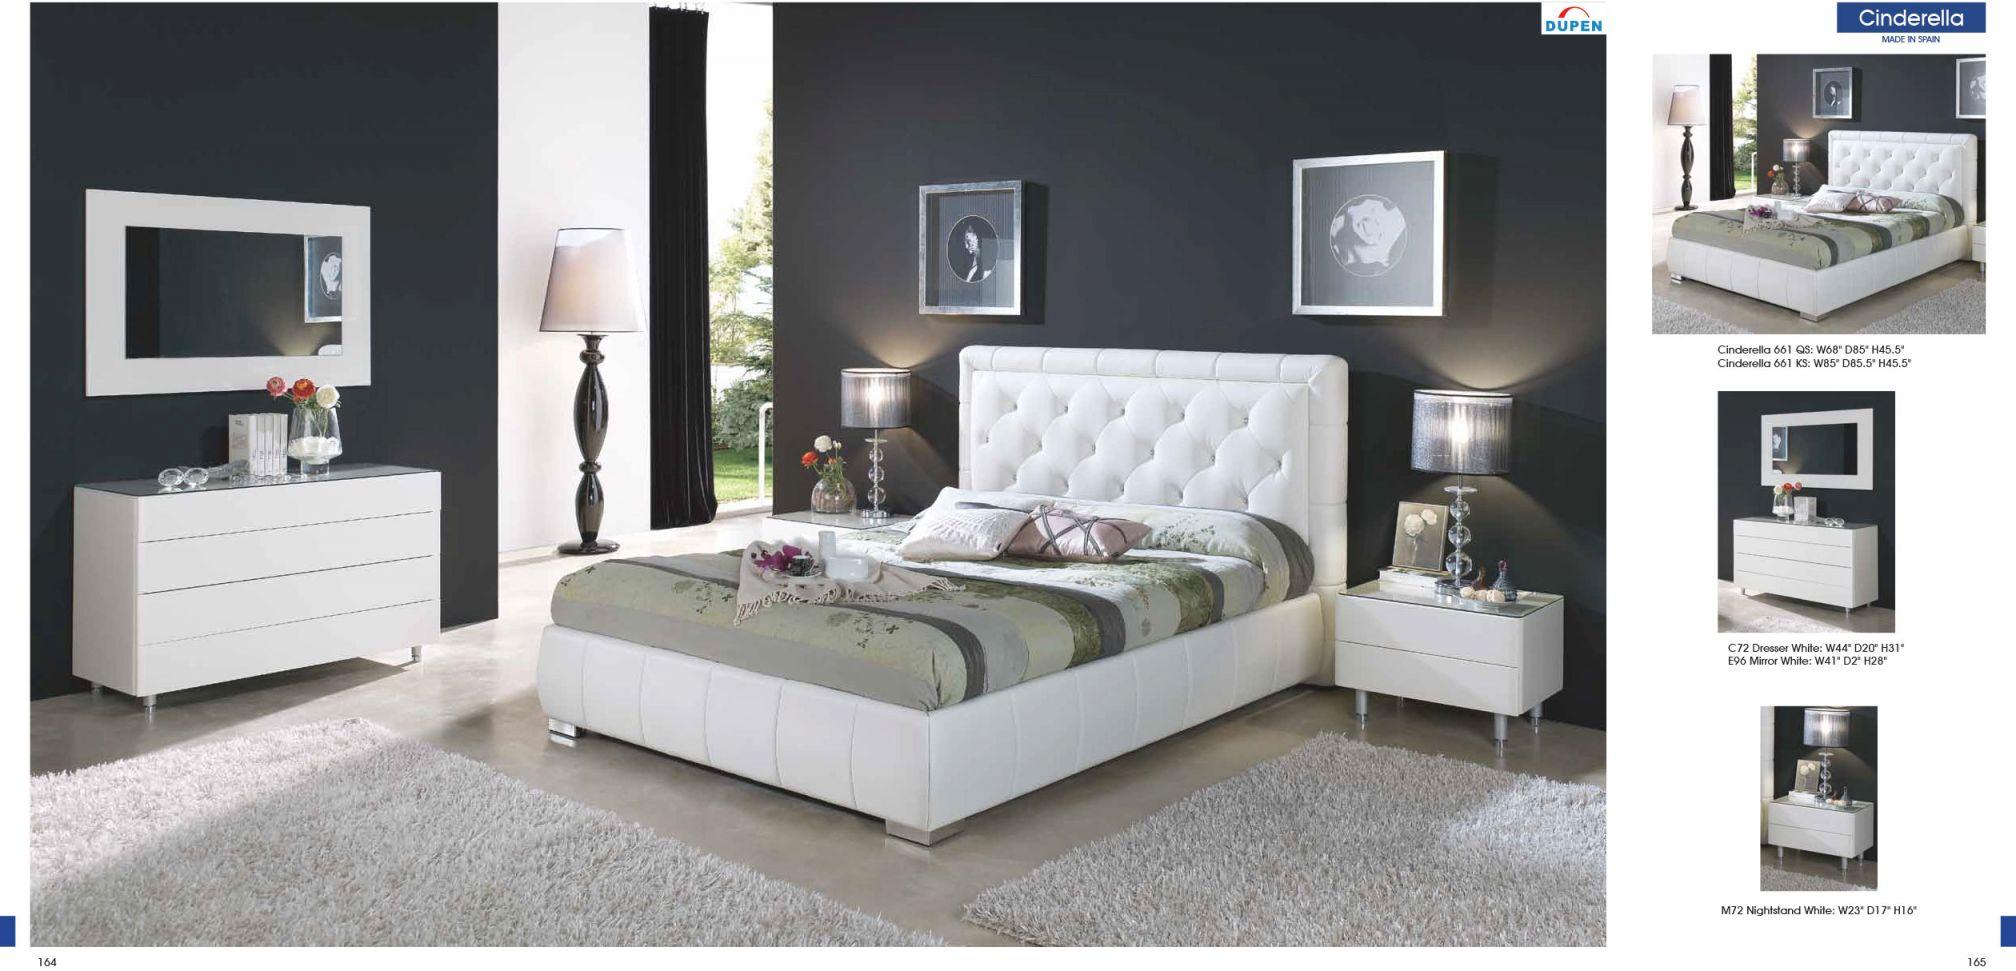 Cinderella 661 intended for Modern Bedroom Furniture Sets